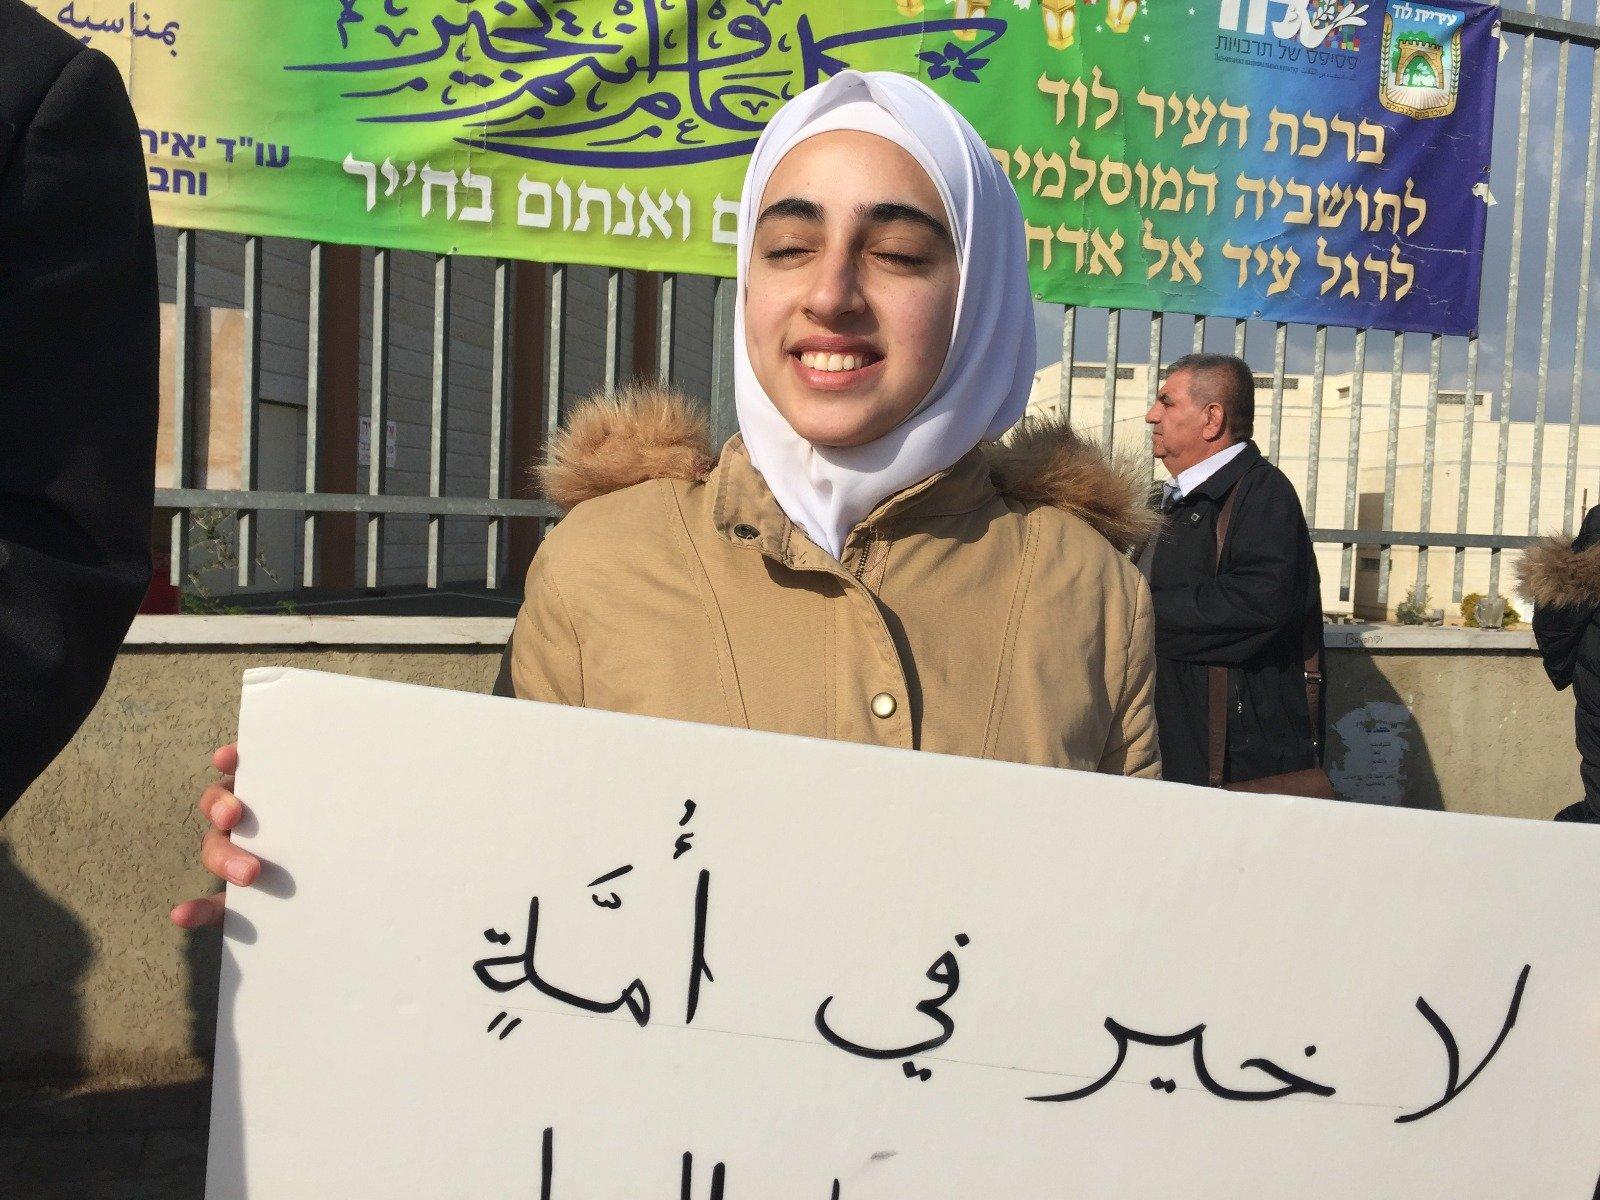 اللد: وقفة احتجاجية بعد اعتداء على معلم واضراب في المدرسة الثانوية للعلوم